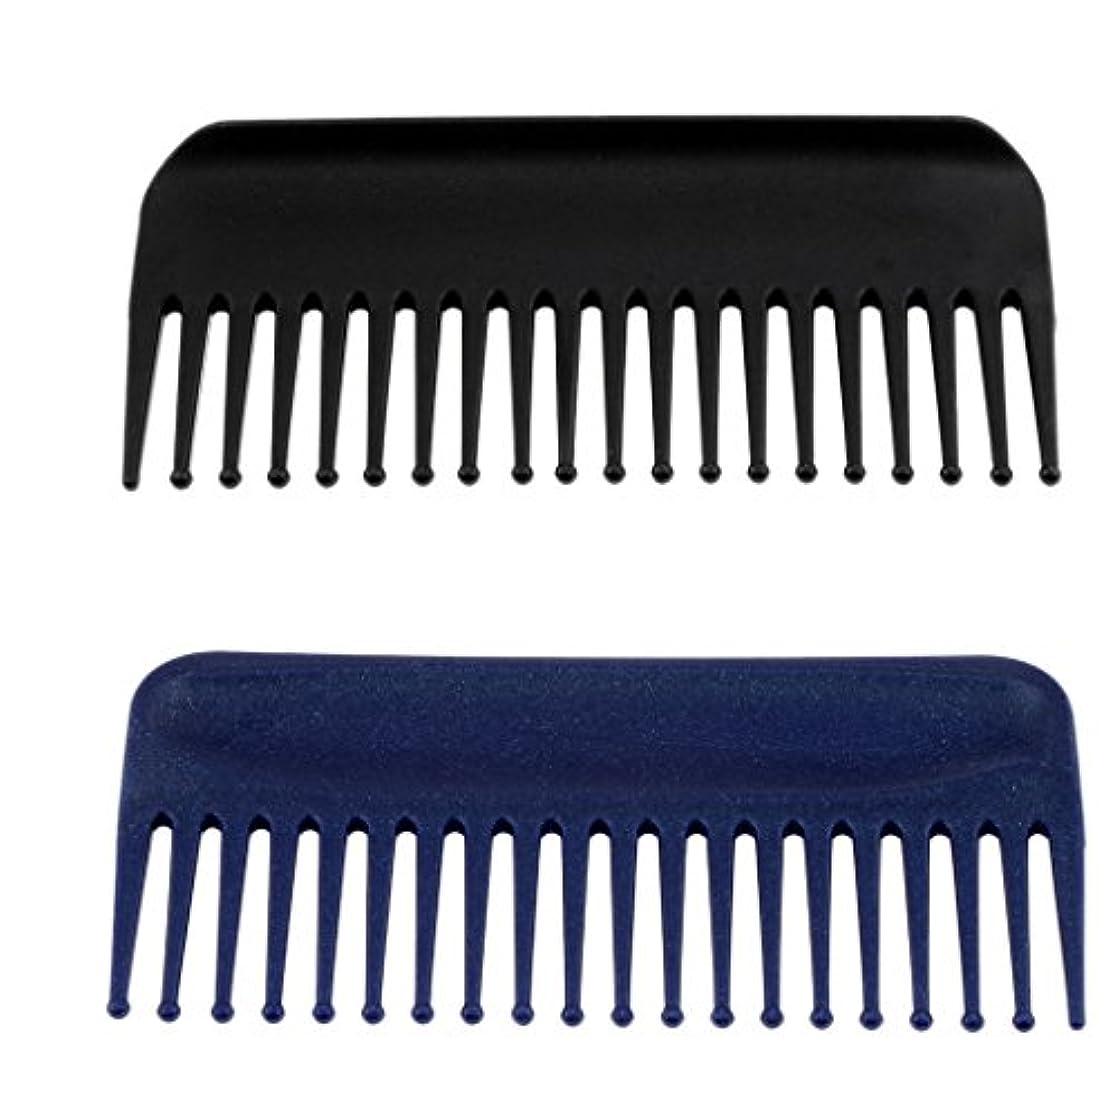 させるステートメントうぬぼれたBlesiya コーム 櫛 ヘアコーム ヘアブラシ  マッサージ 美髪ケア 快適 プラスチック製 2個